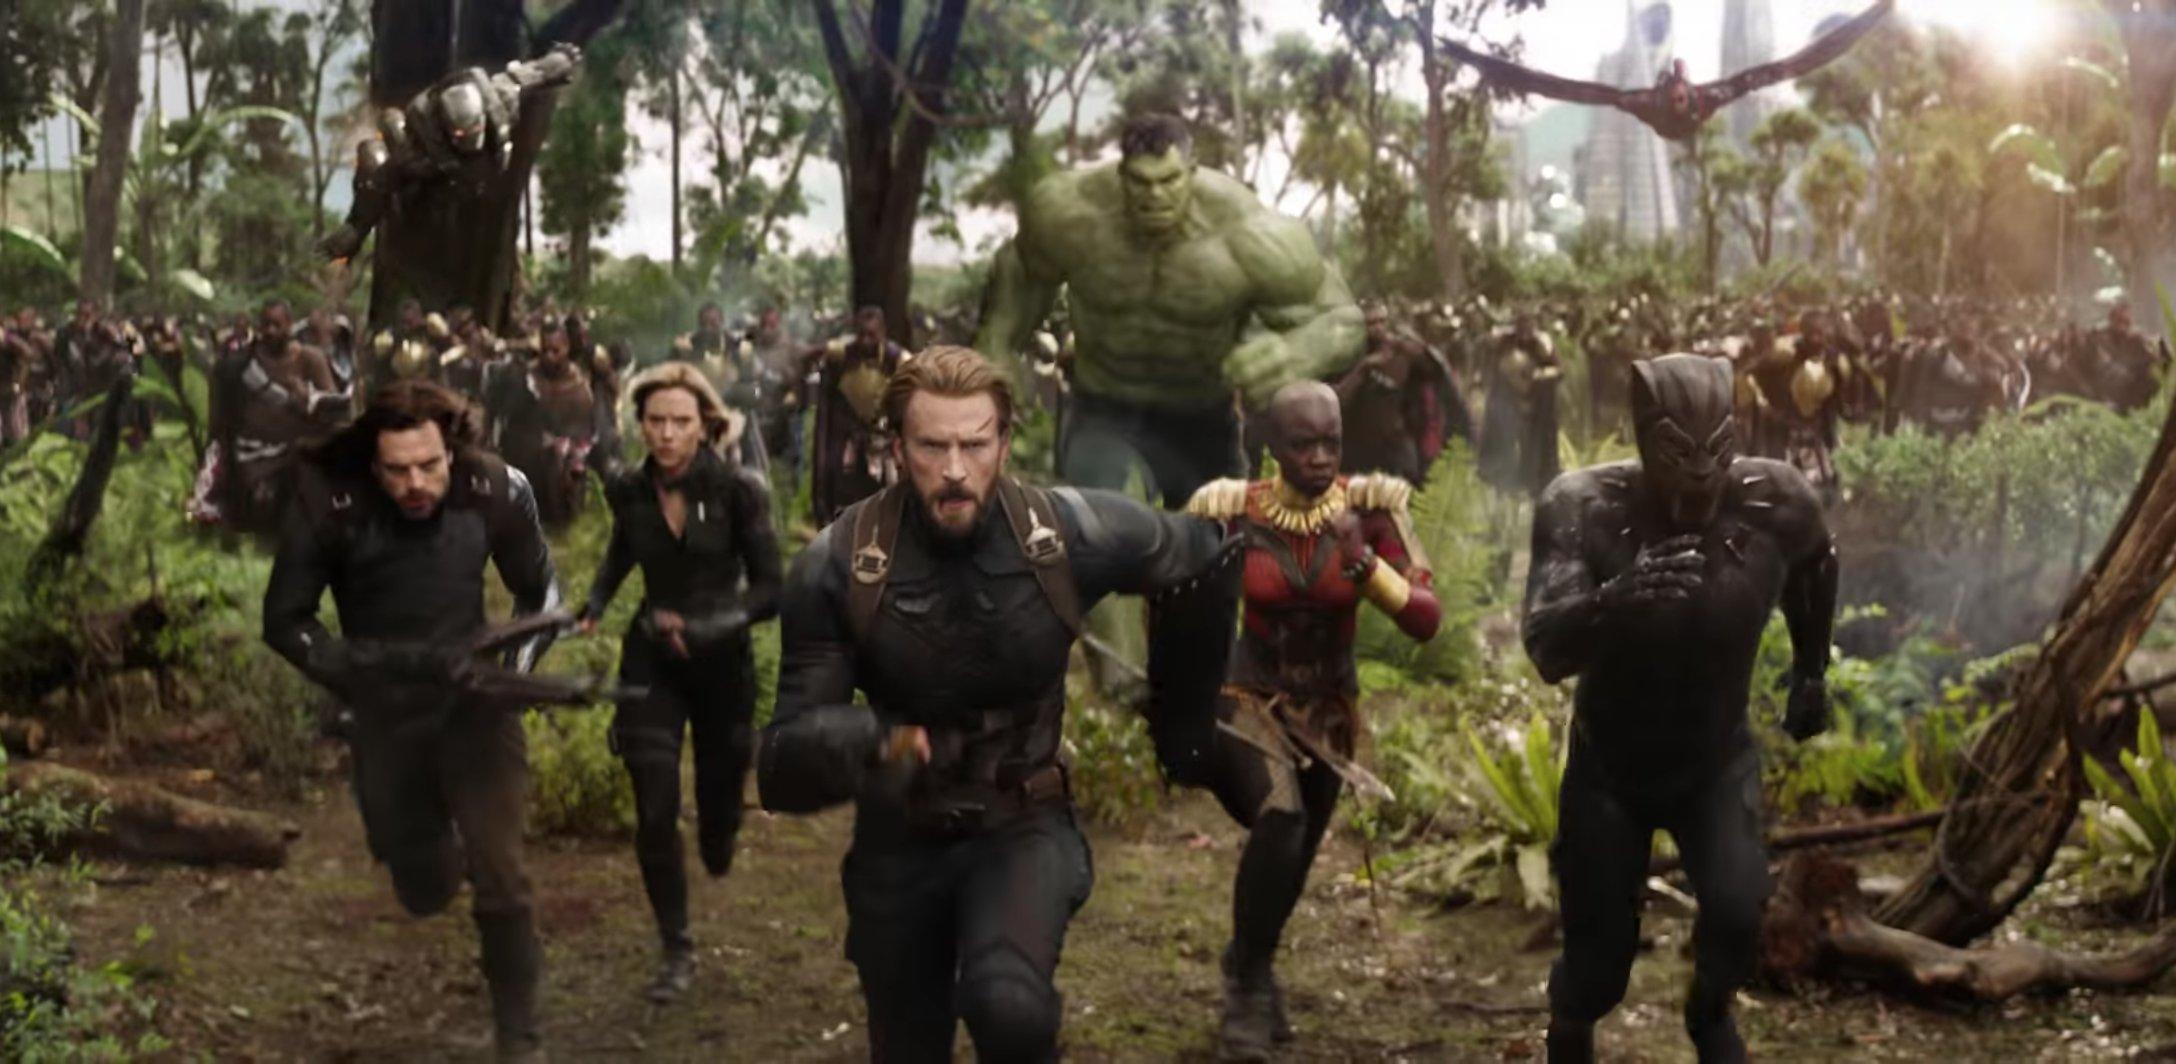 avengers infinity warbig - Le premier trailer d'Avengers : Infinity War envoie du lourd!